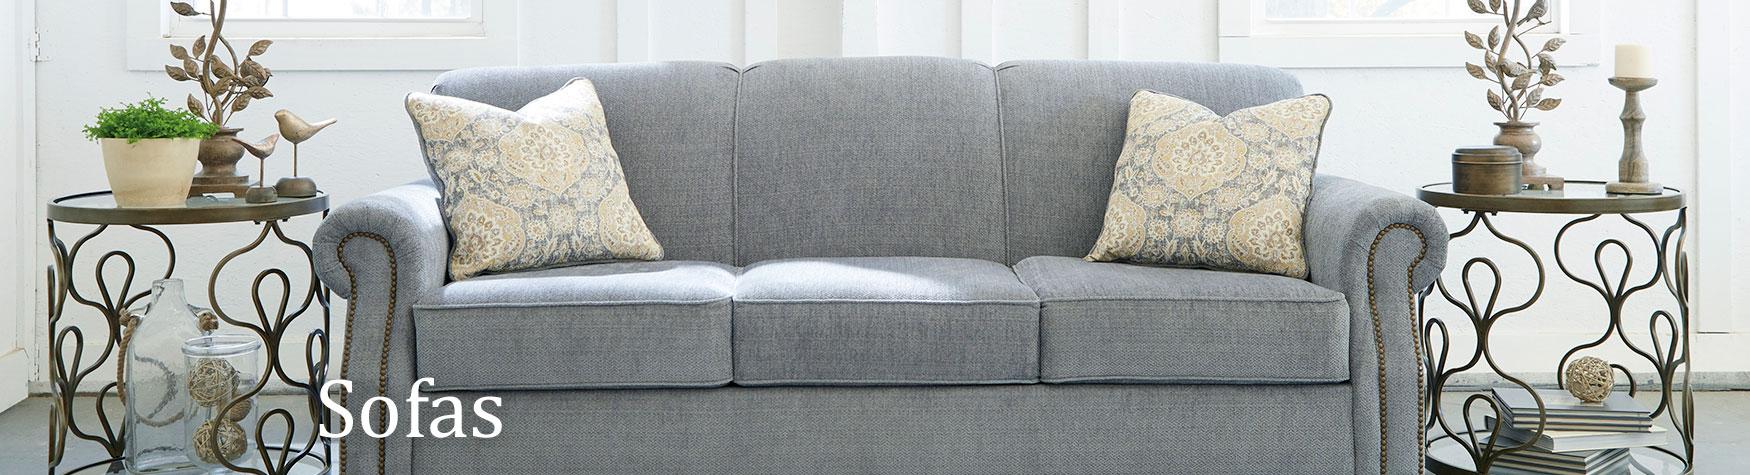 sofas-banner.jpg